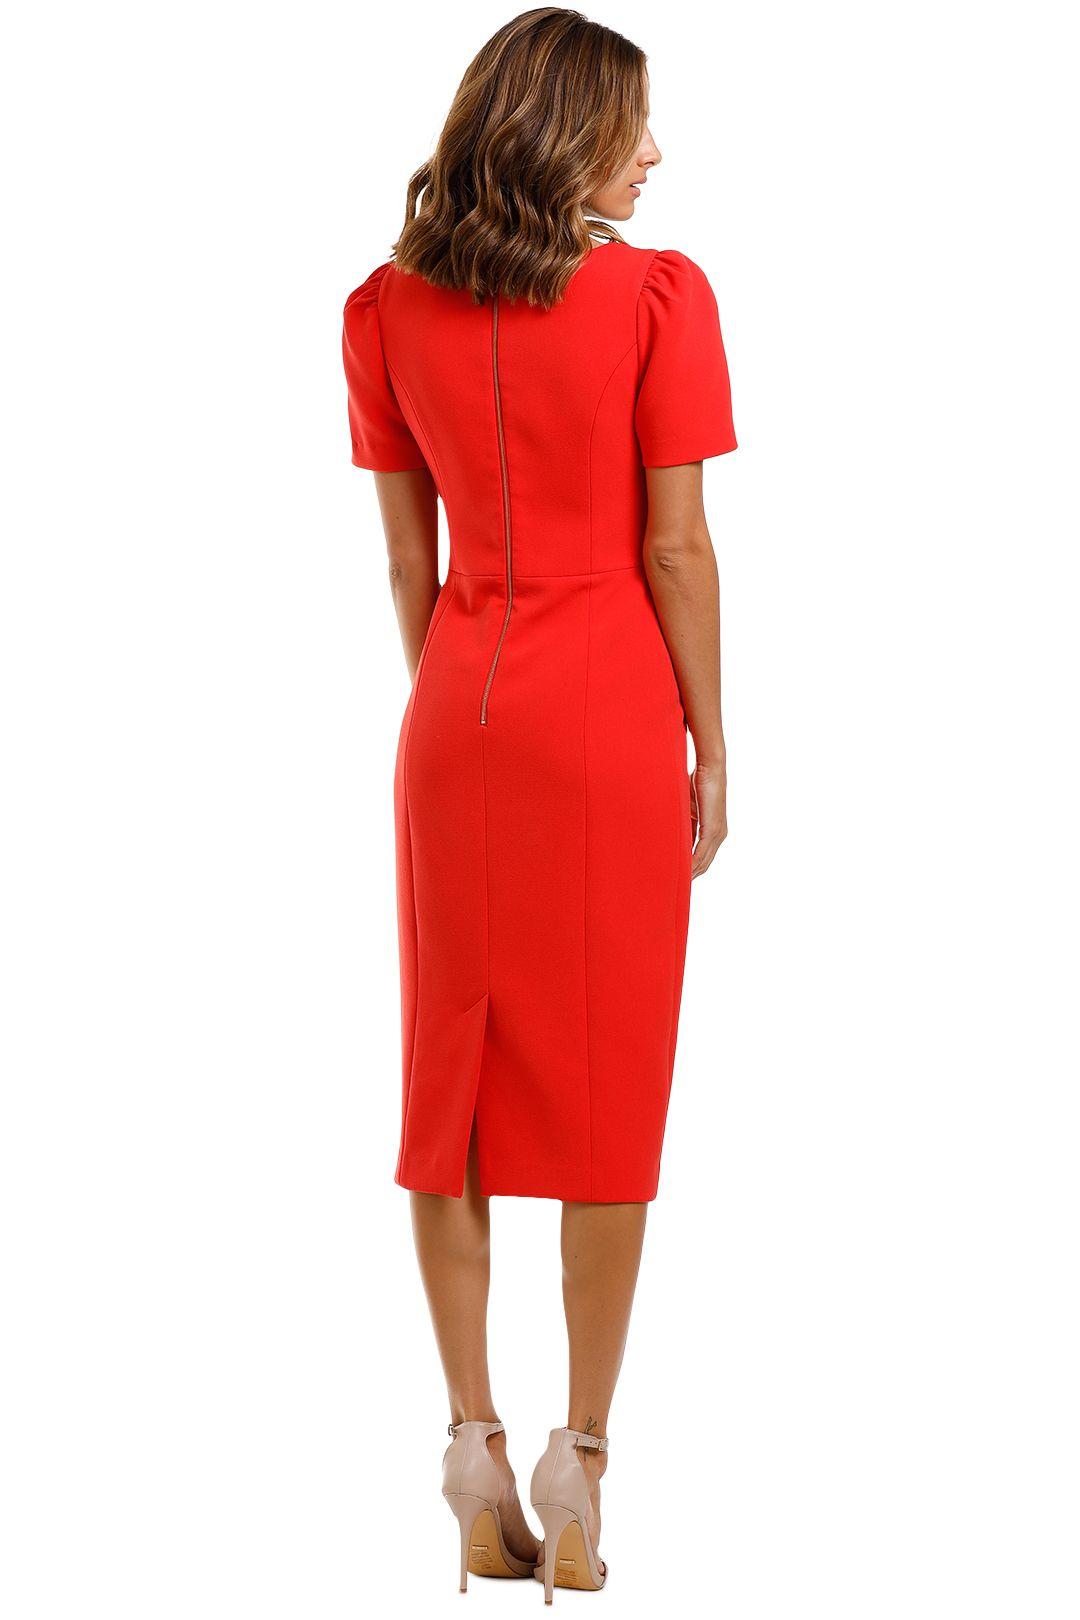 Rebecca Vallance Lamour Dress Midi